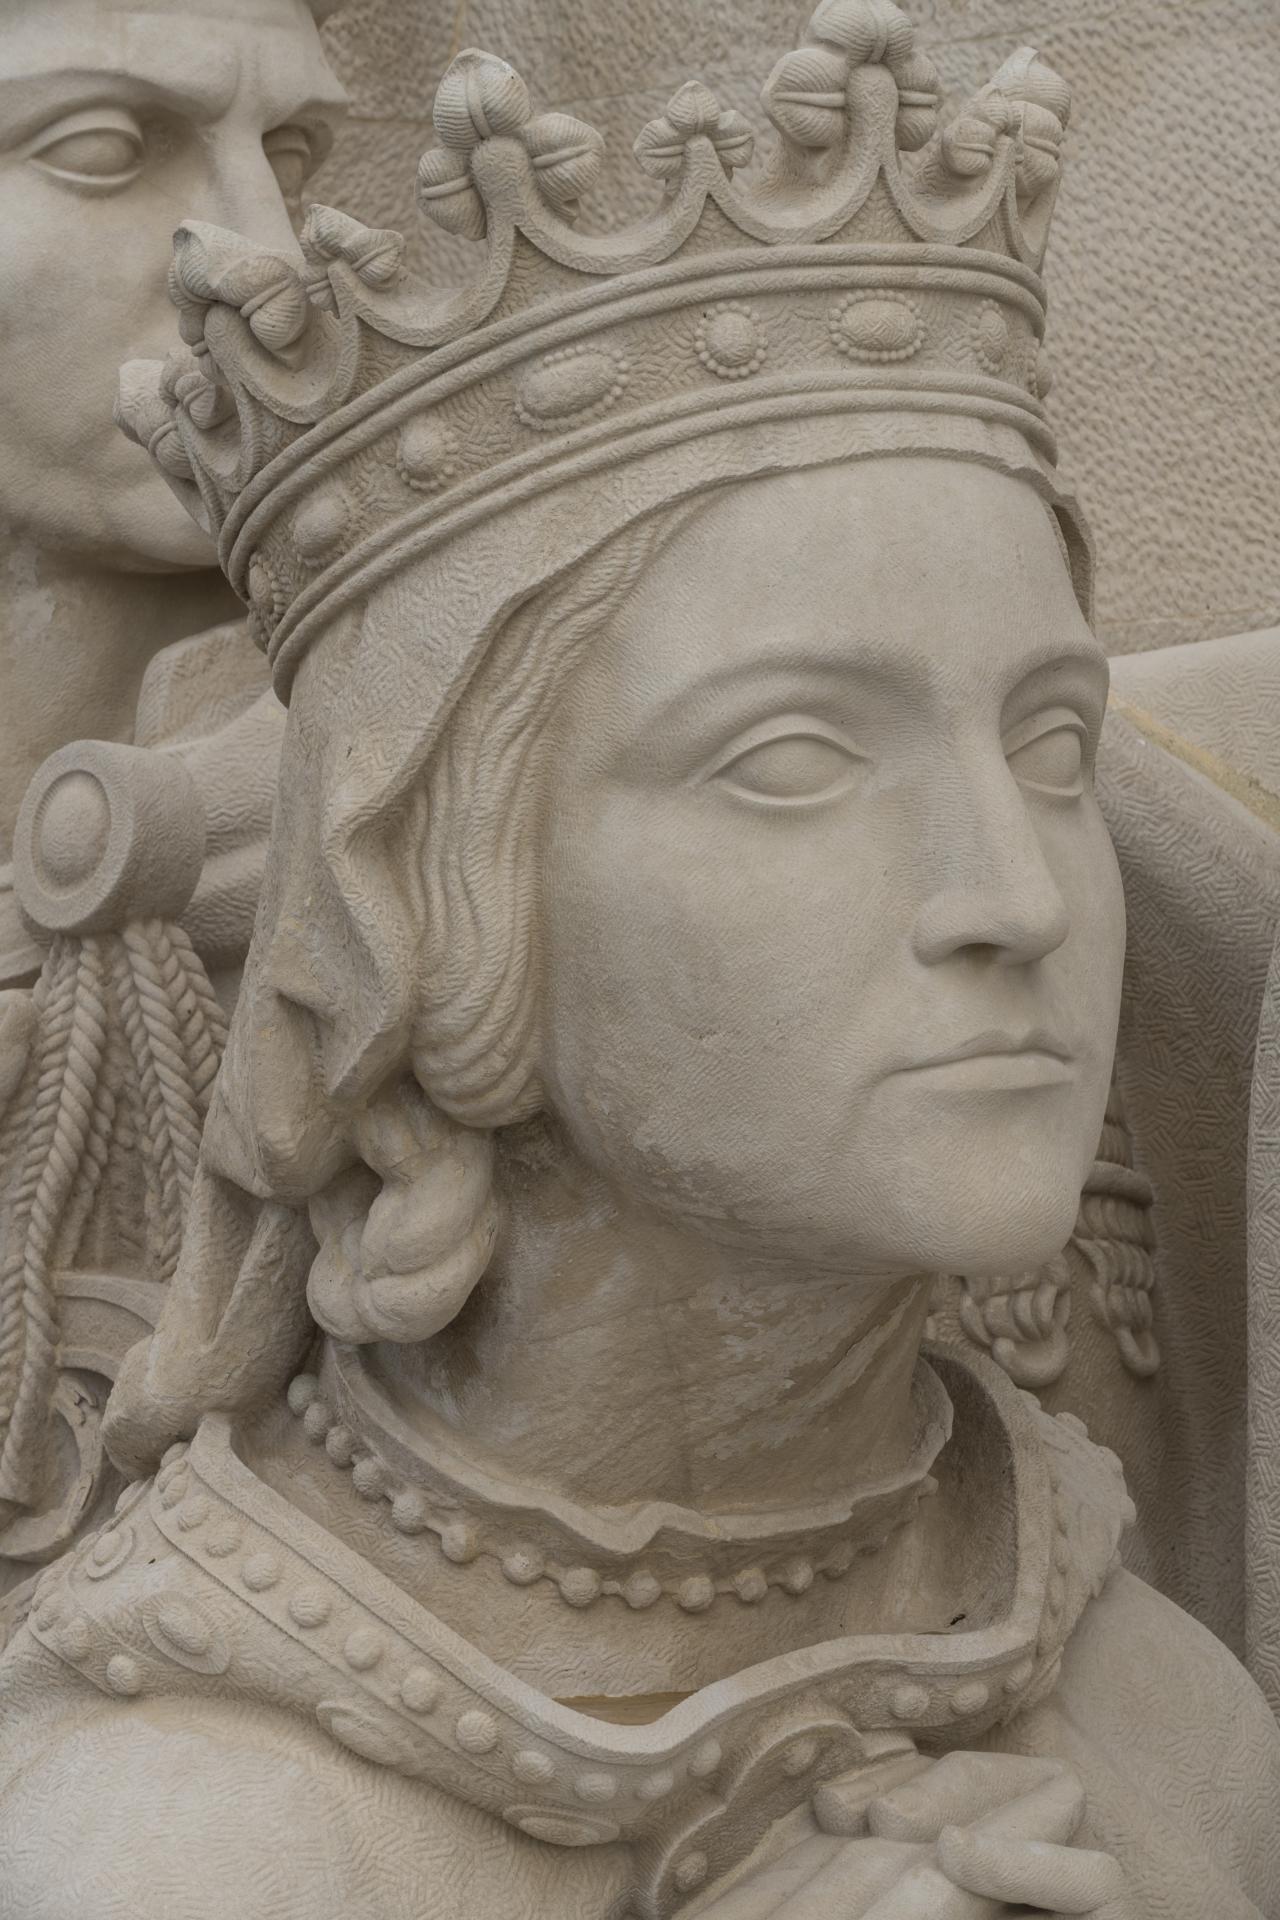 Escultura da face de uma jovem Rainha com uma coroa que prende um véu